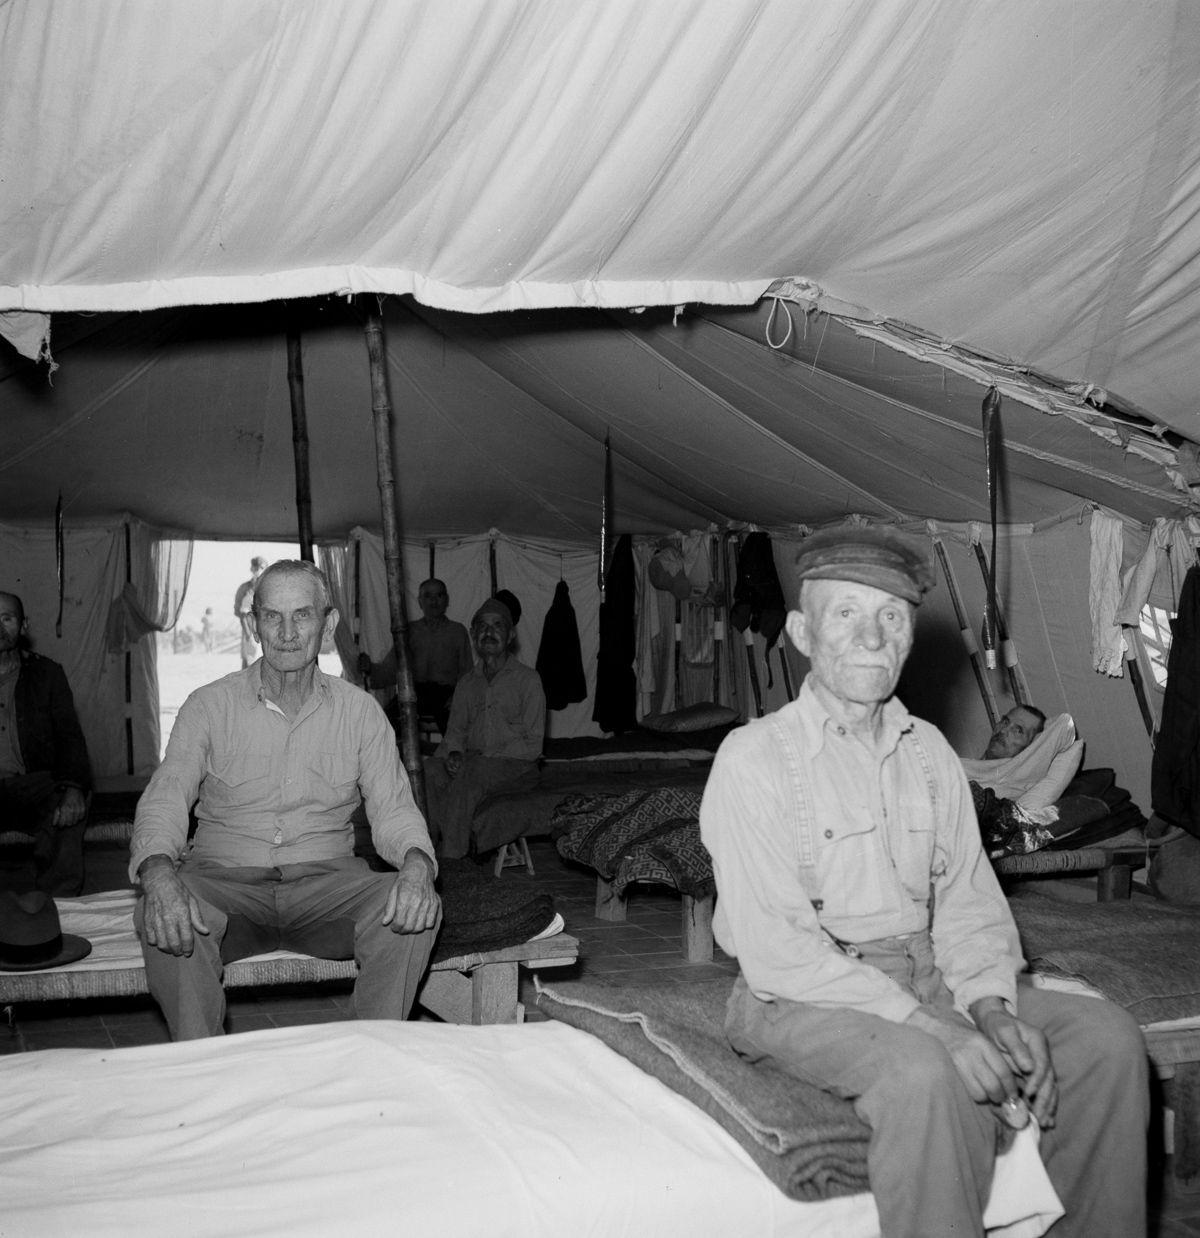 Quando os refugiados fugiram da Europa devastada pela guerra buscando paraísos no Oriente Médio 06